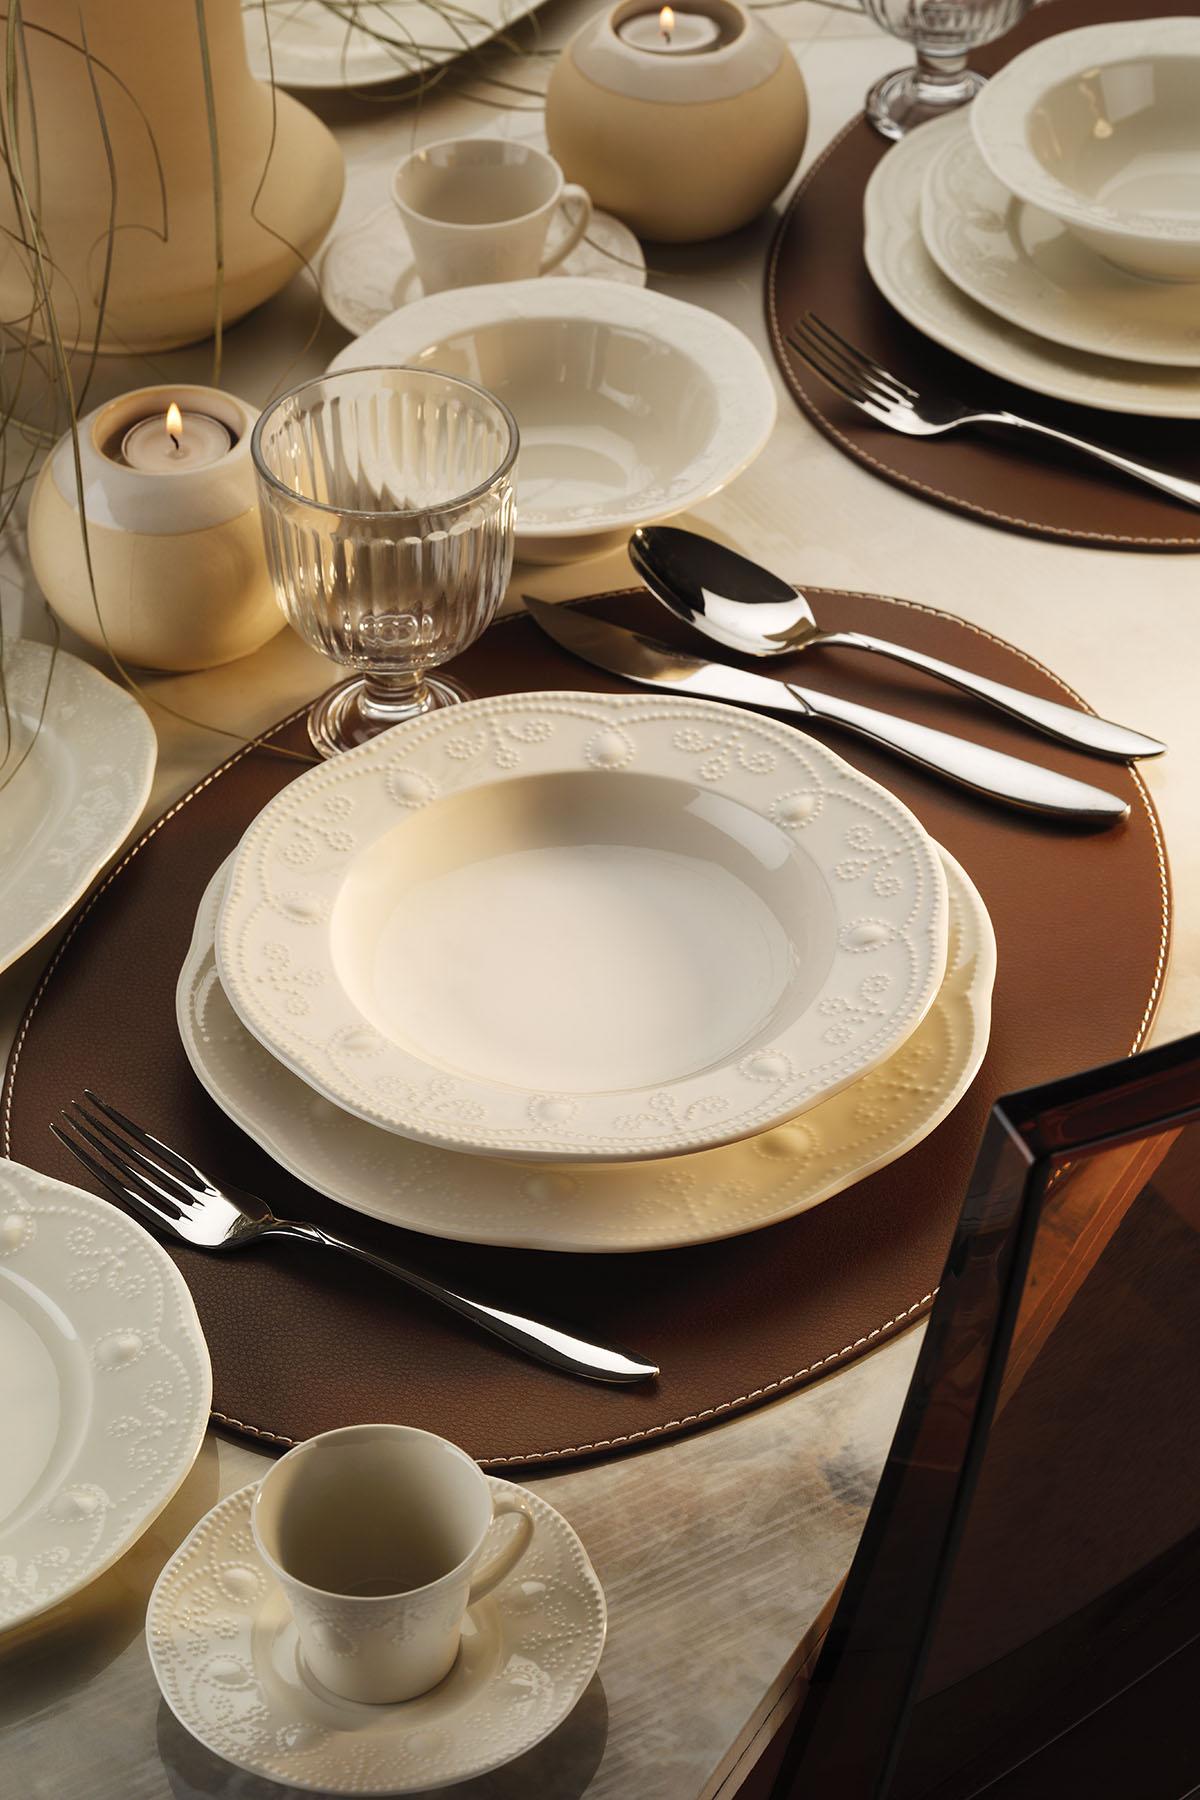 Kütahya Porselen Fulya 62 Parça Krem Yemek Takımı